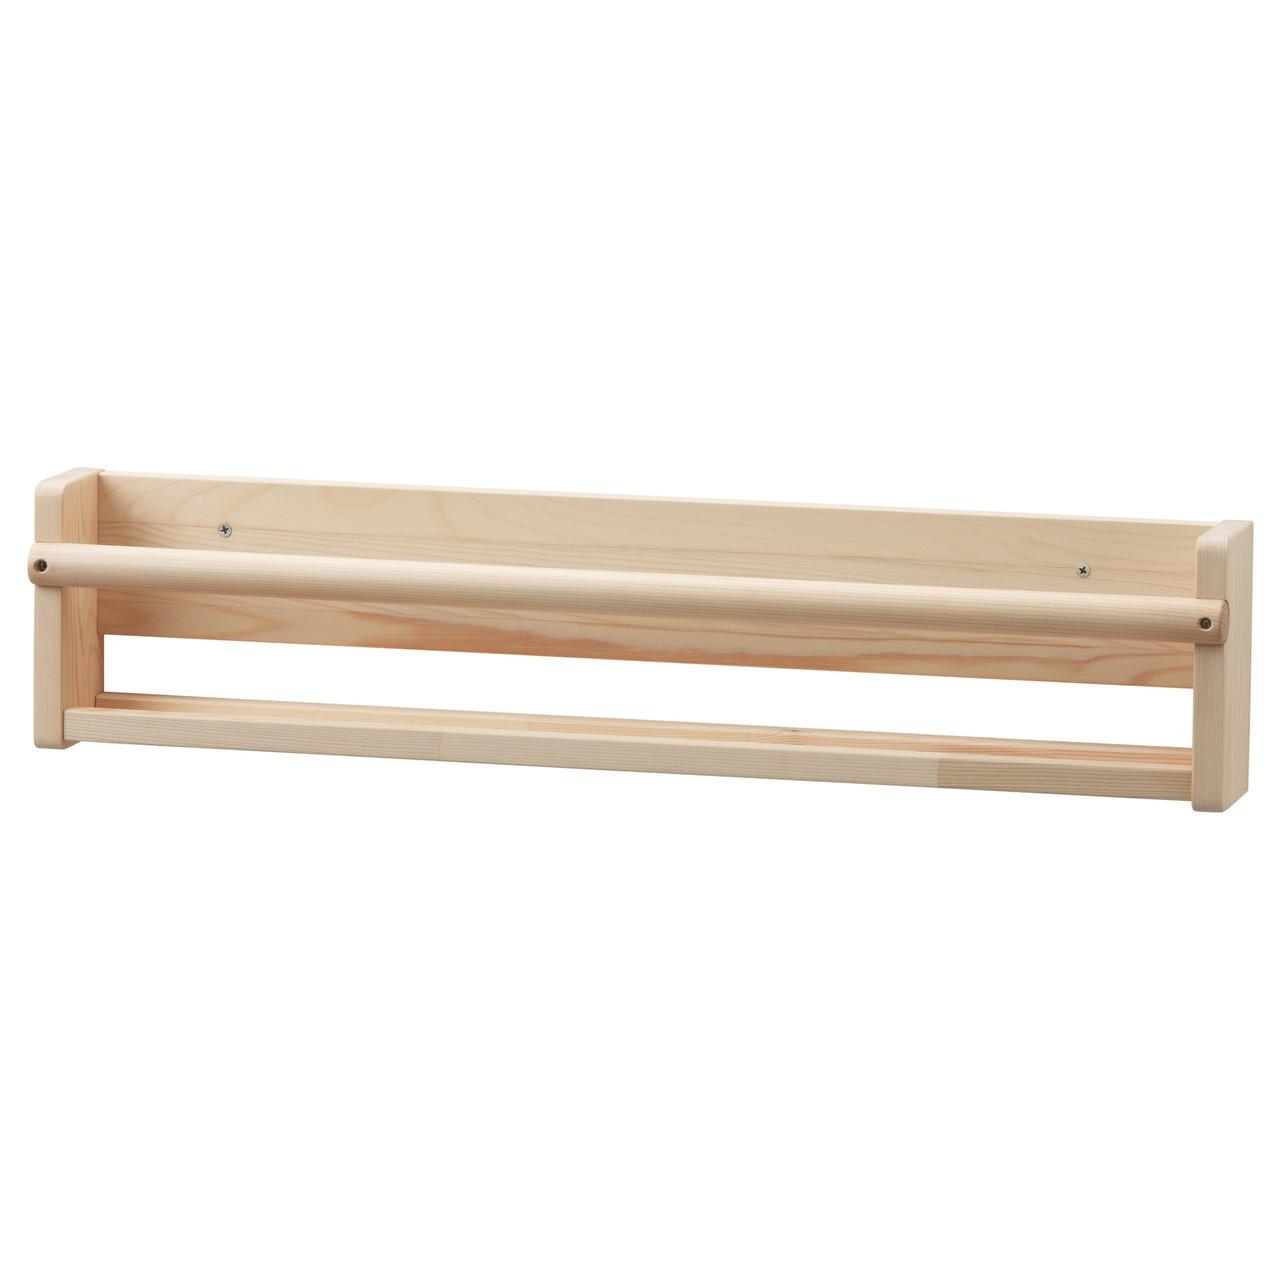 Настінний модуль IKEA FLISAT для зберігання 002.907.78